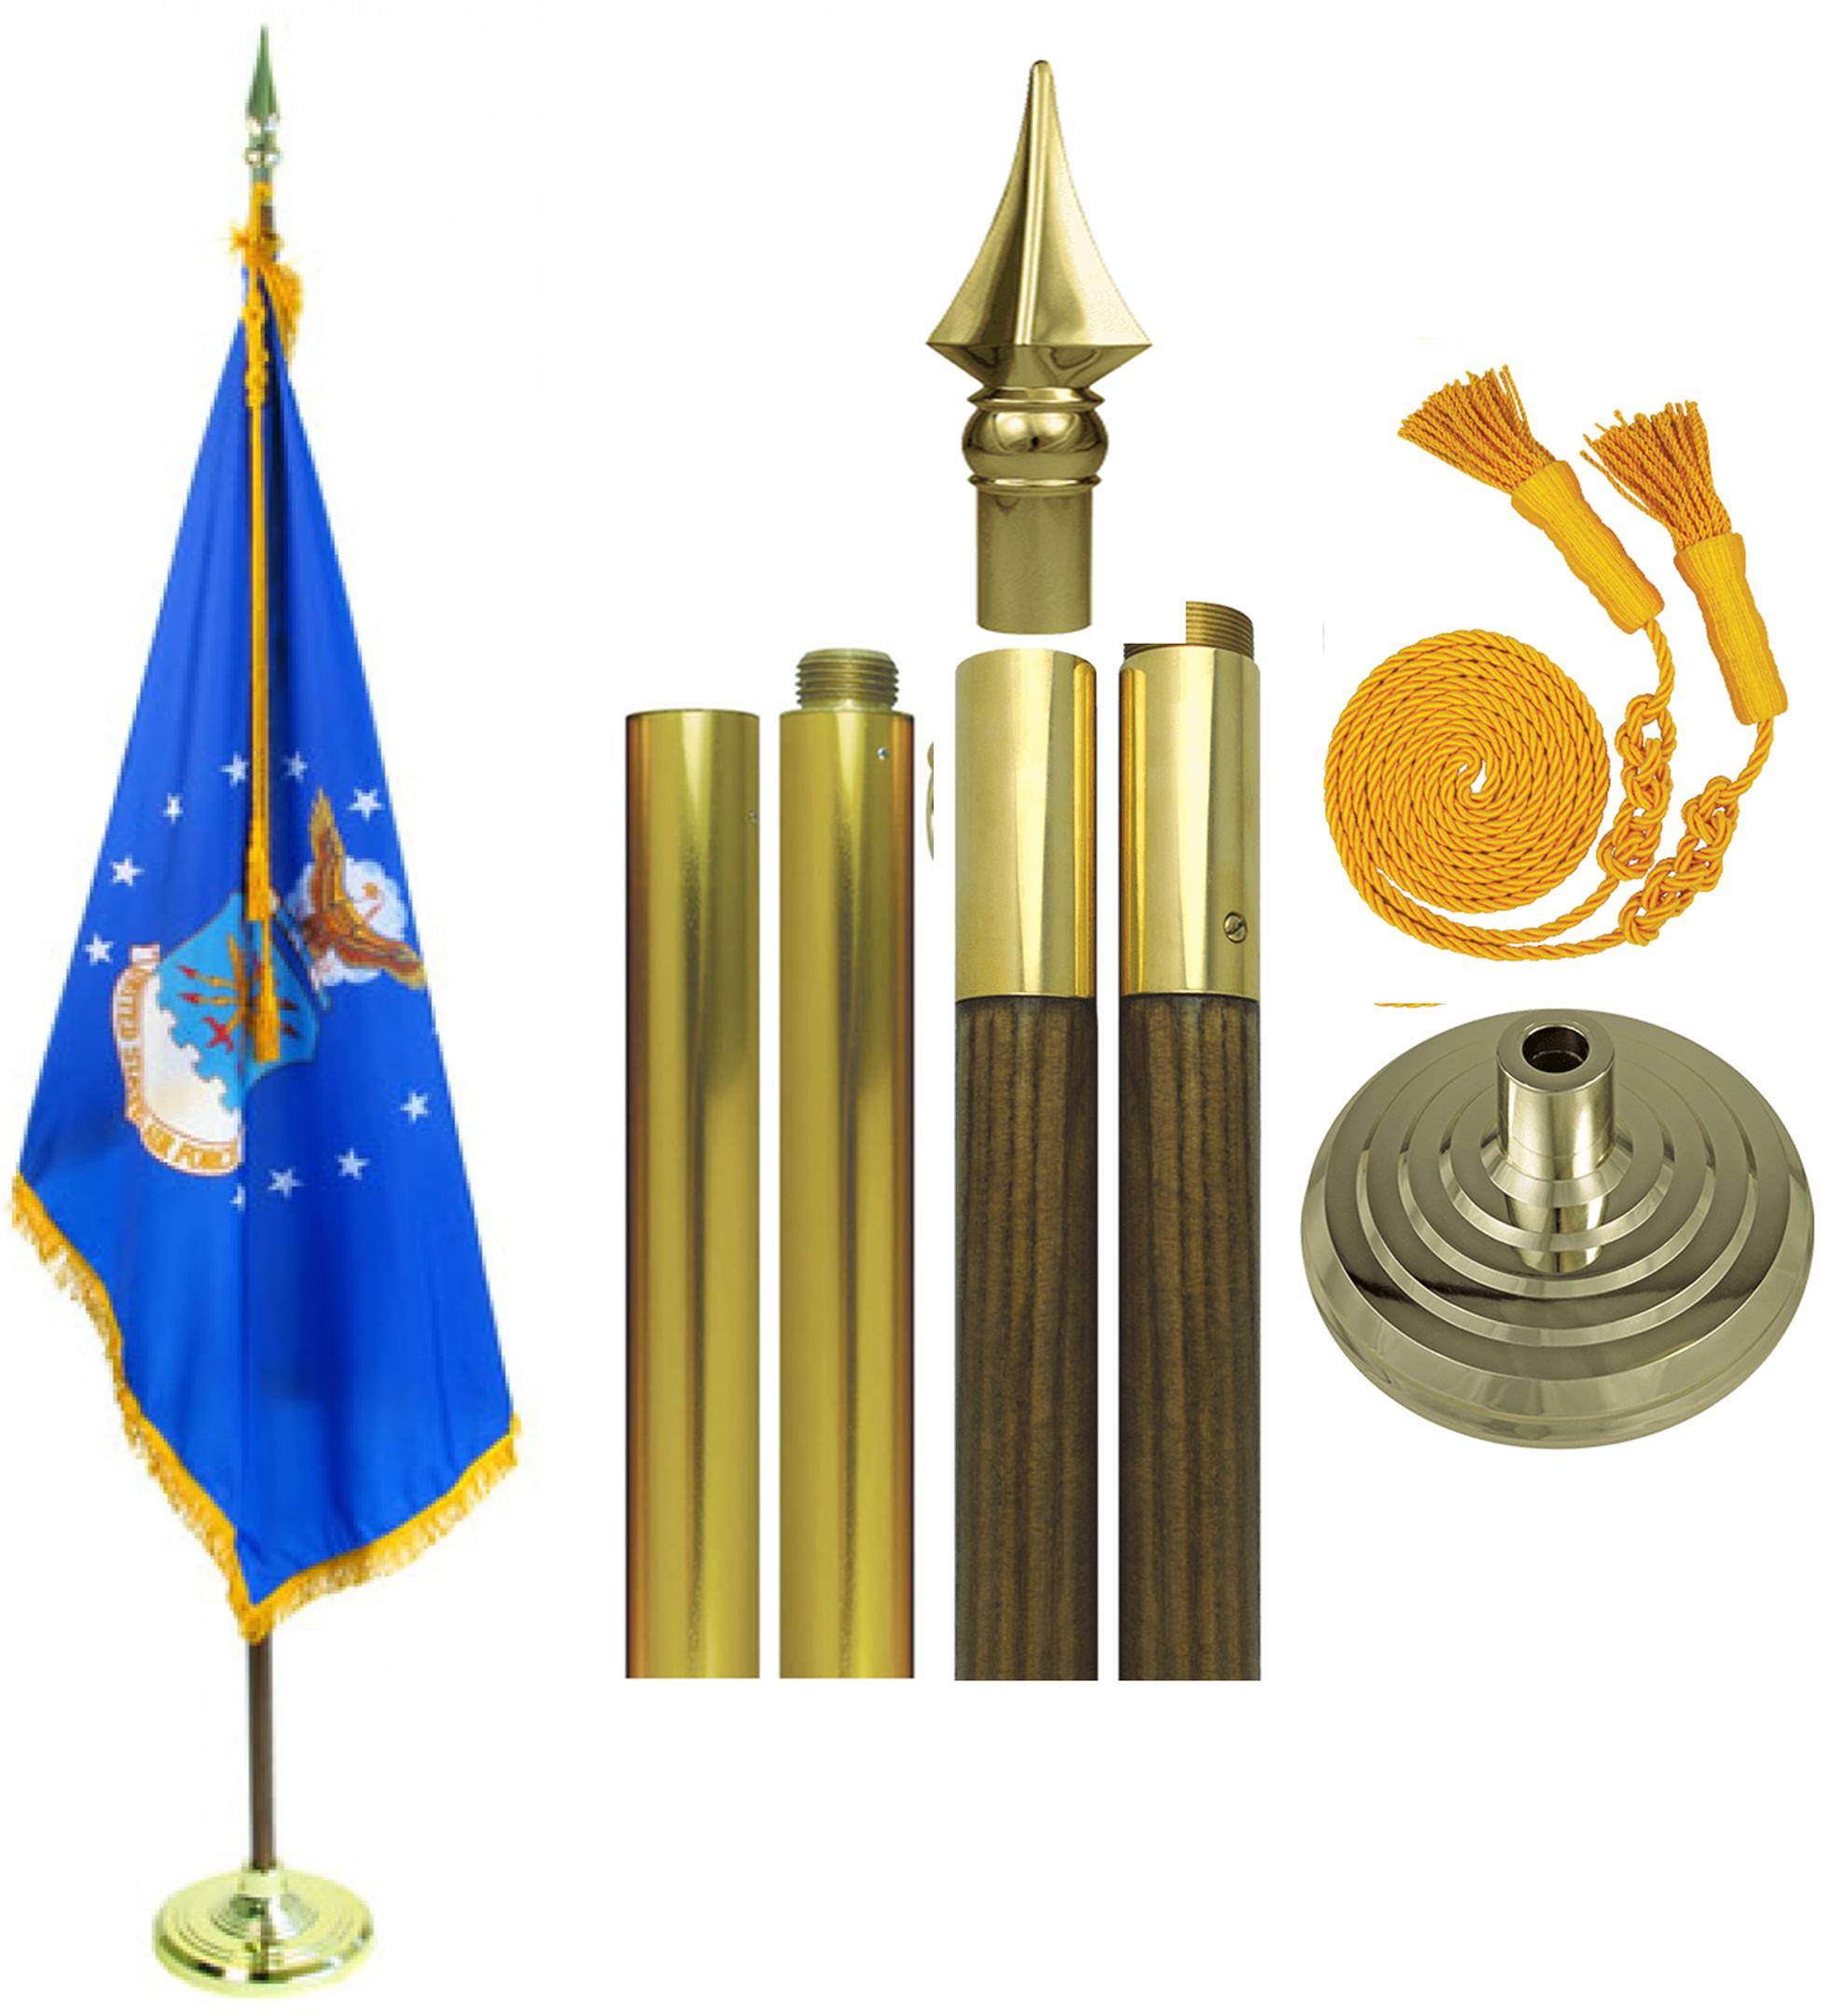 Air Force Parade Flag Sets